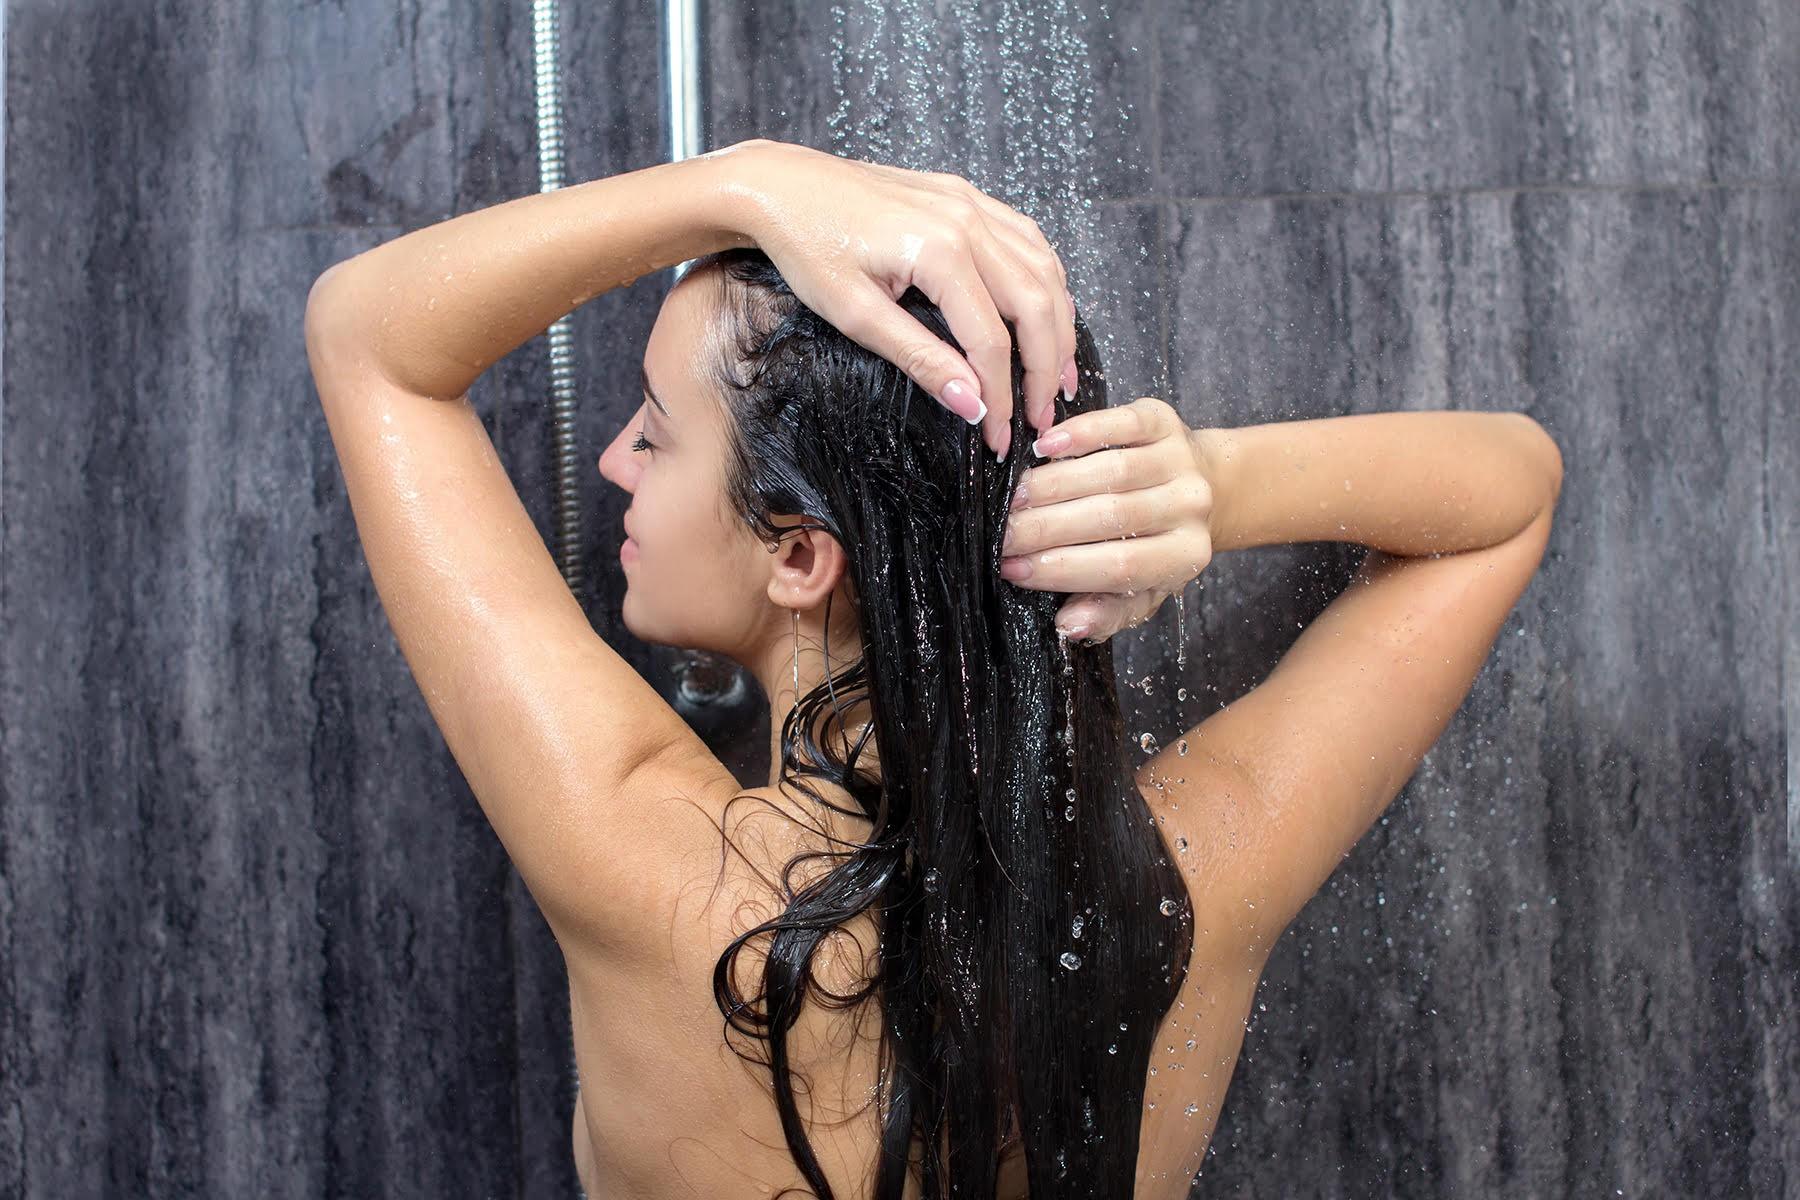 VZN News: Nhiều người cứ chủ quan mà không biết rằng tắm đêm có thể gây ra nhiều hậu quả nghiêm trọng đến mức này - Ảnh 5.